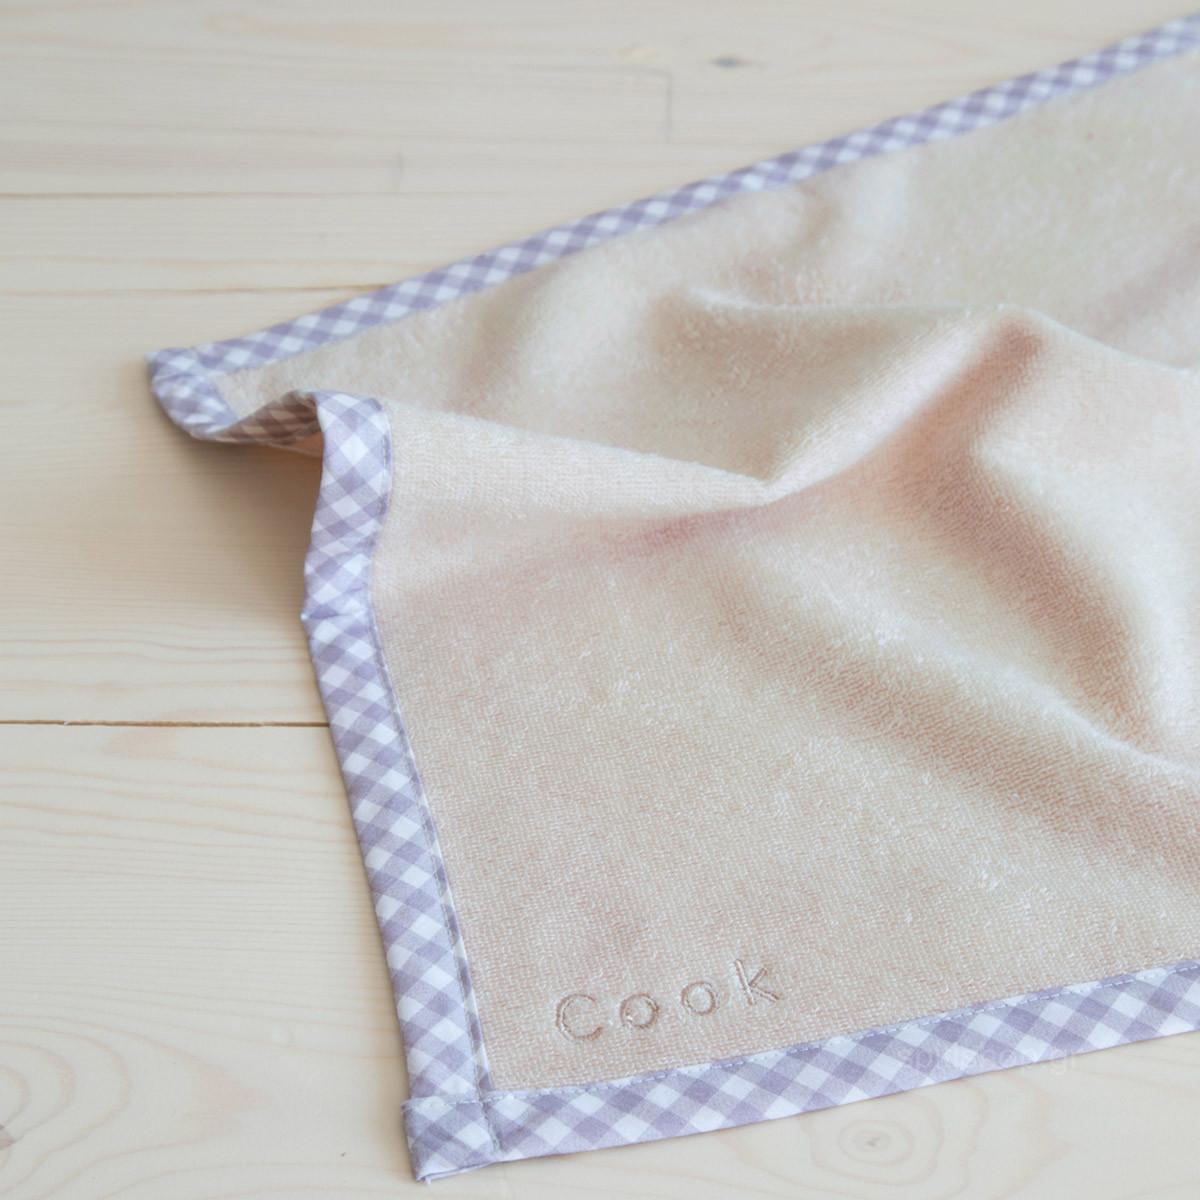 Πετσέτα Κουζίνας Nima Kitchen Towels Cook home   κουζίνα   τραπεζαρία   πετσέτες κουζίνας